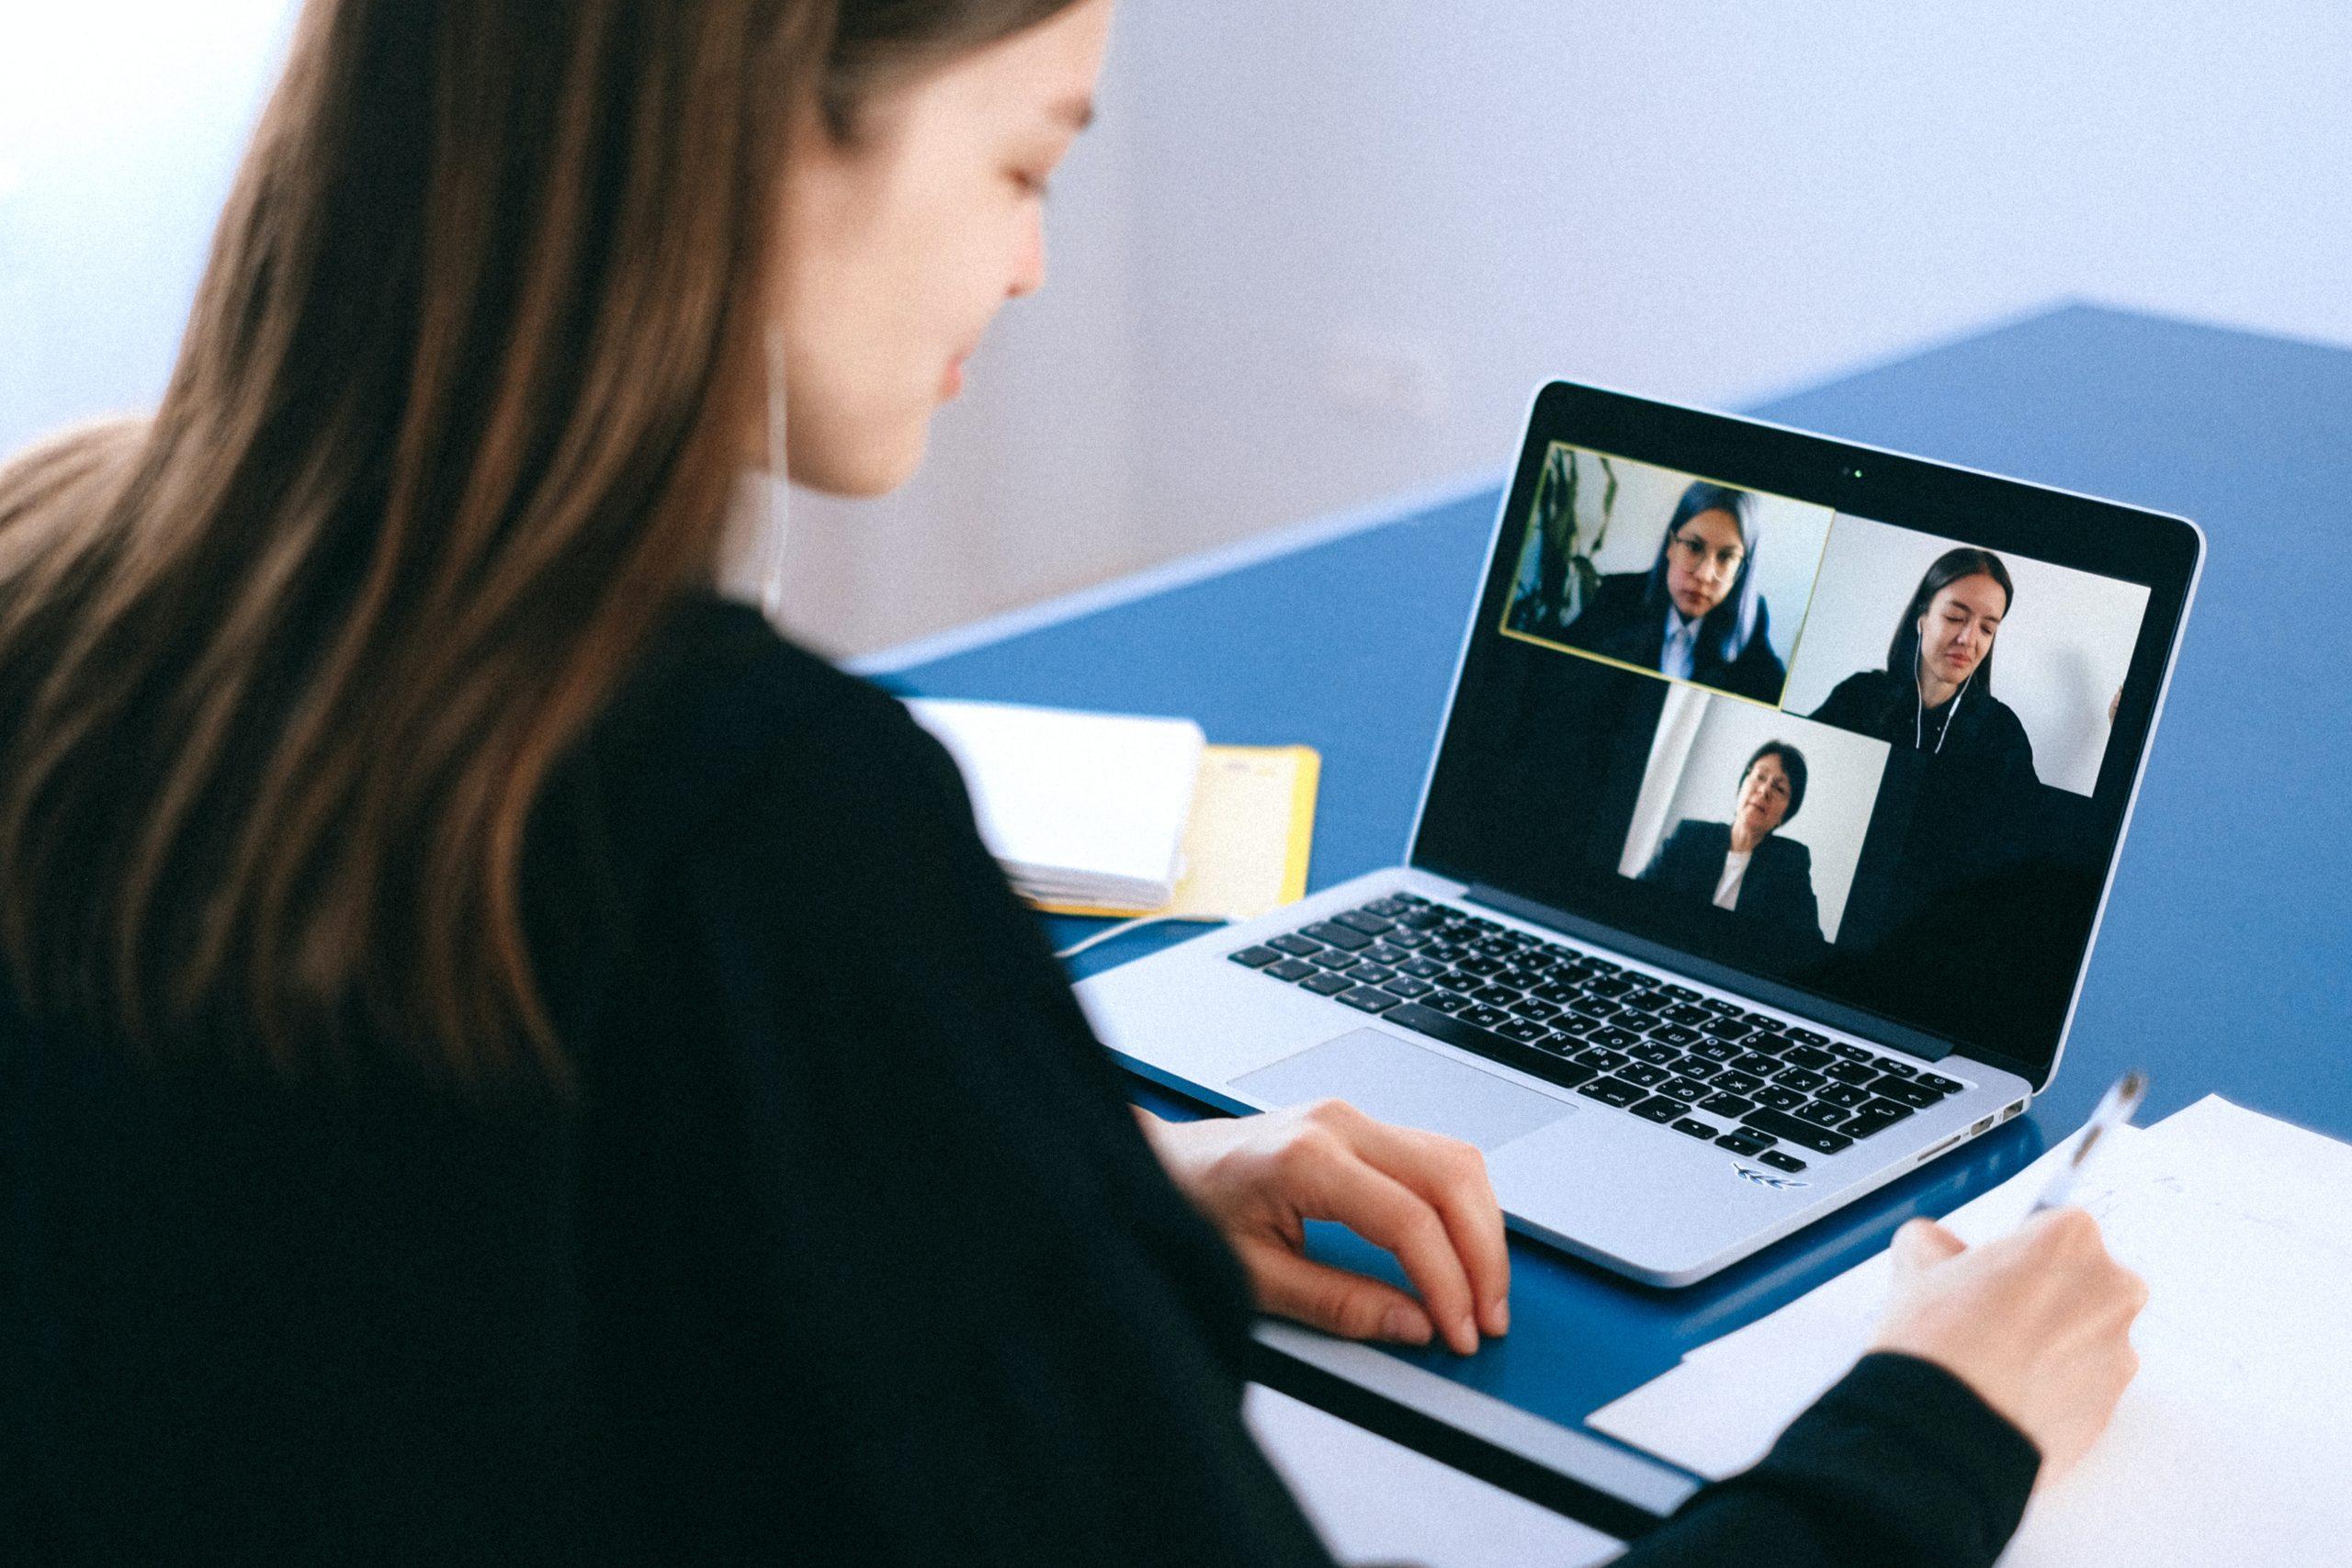 Quel logiciel choisir pour une conférence vidéo